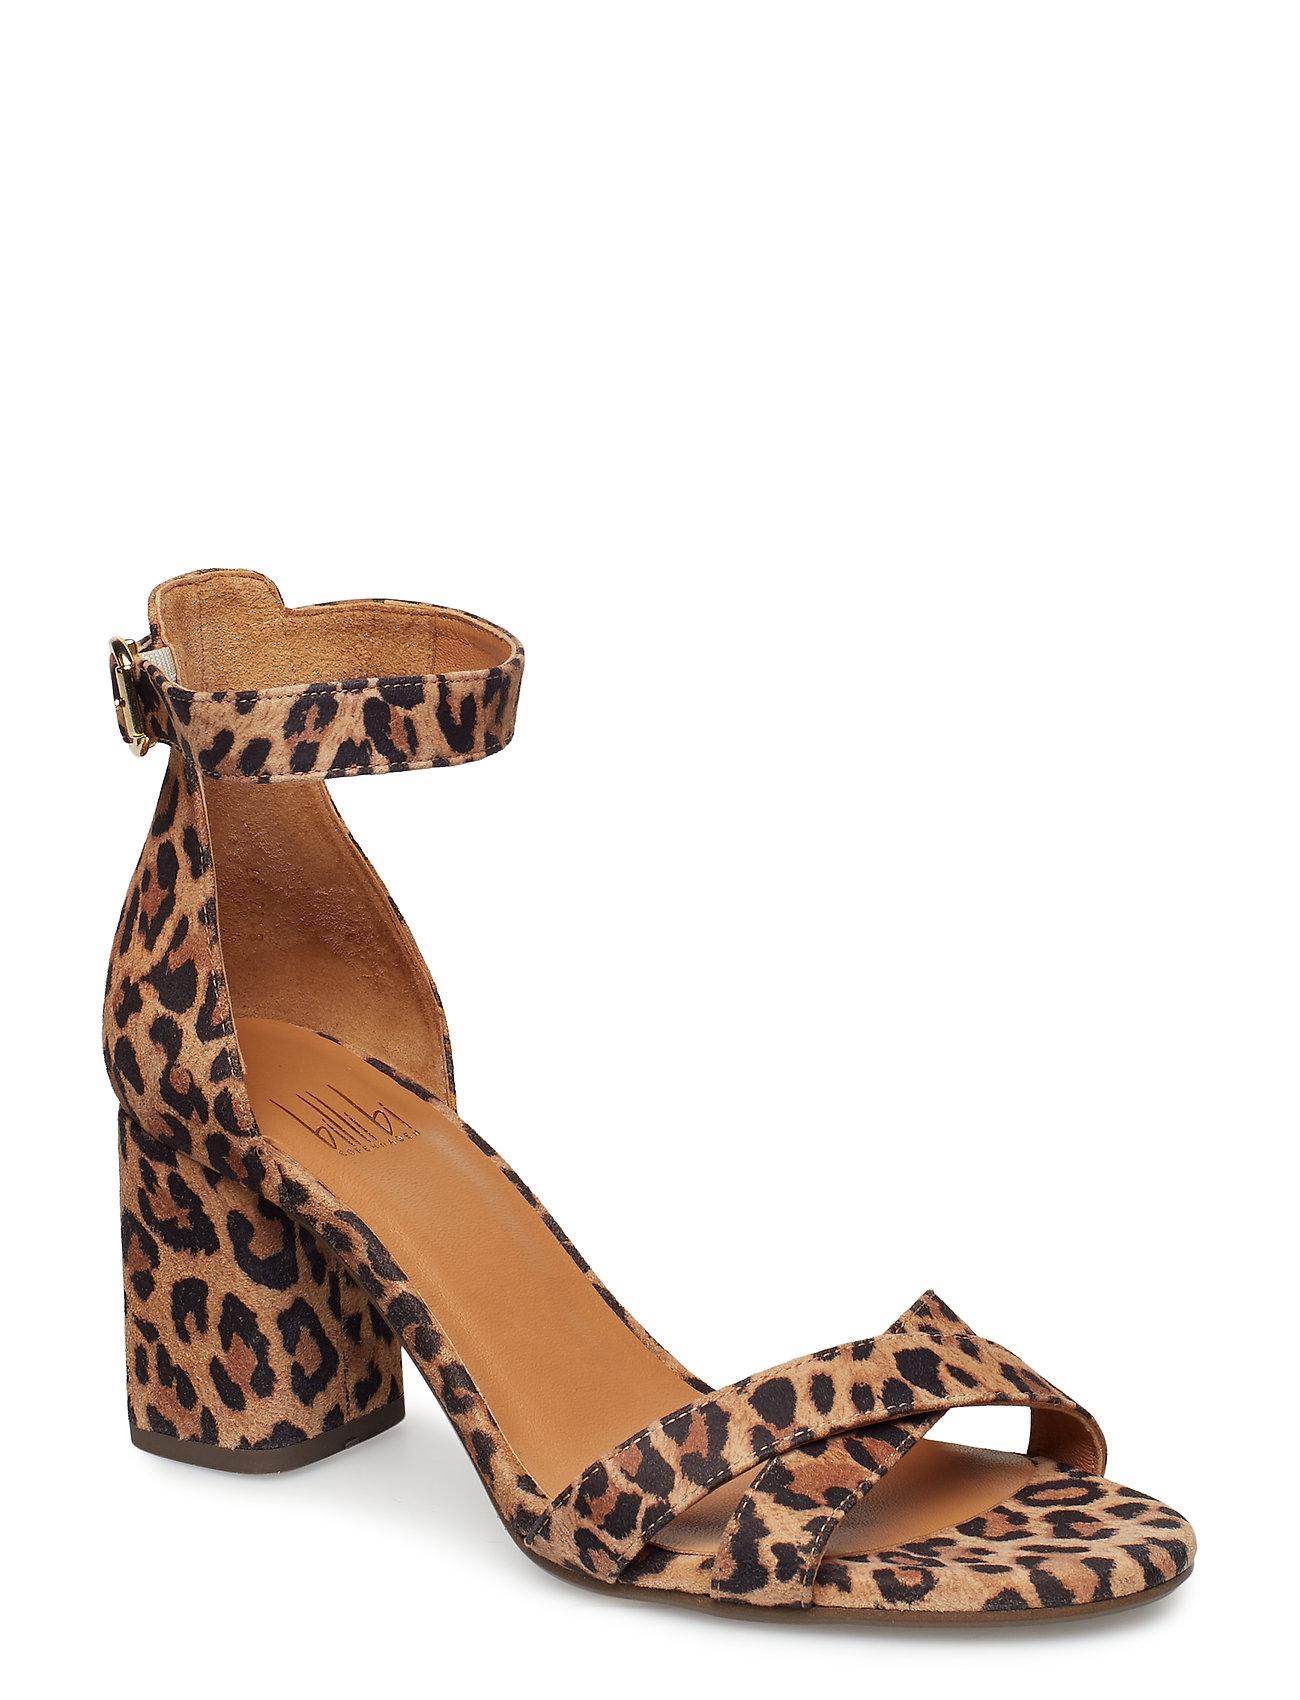 45ec2da821c Billi Bi Sandals 8122 (Leopardo Suede 542), (125.30 €) | Large ...